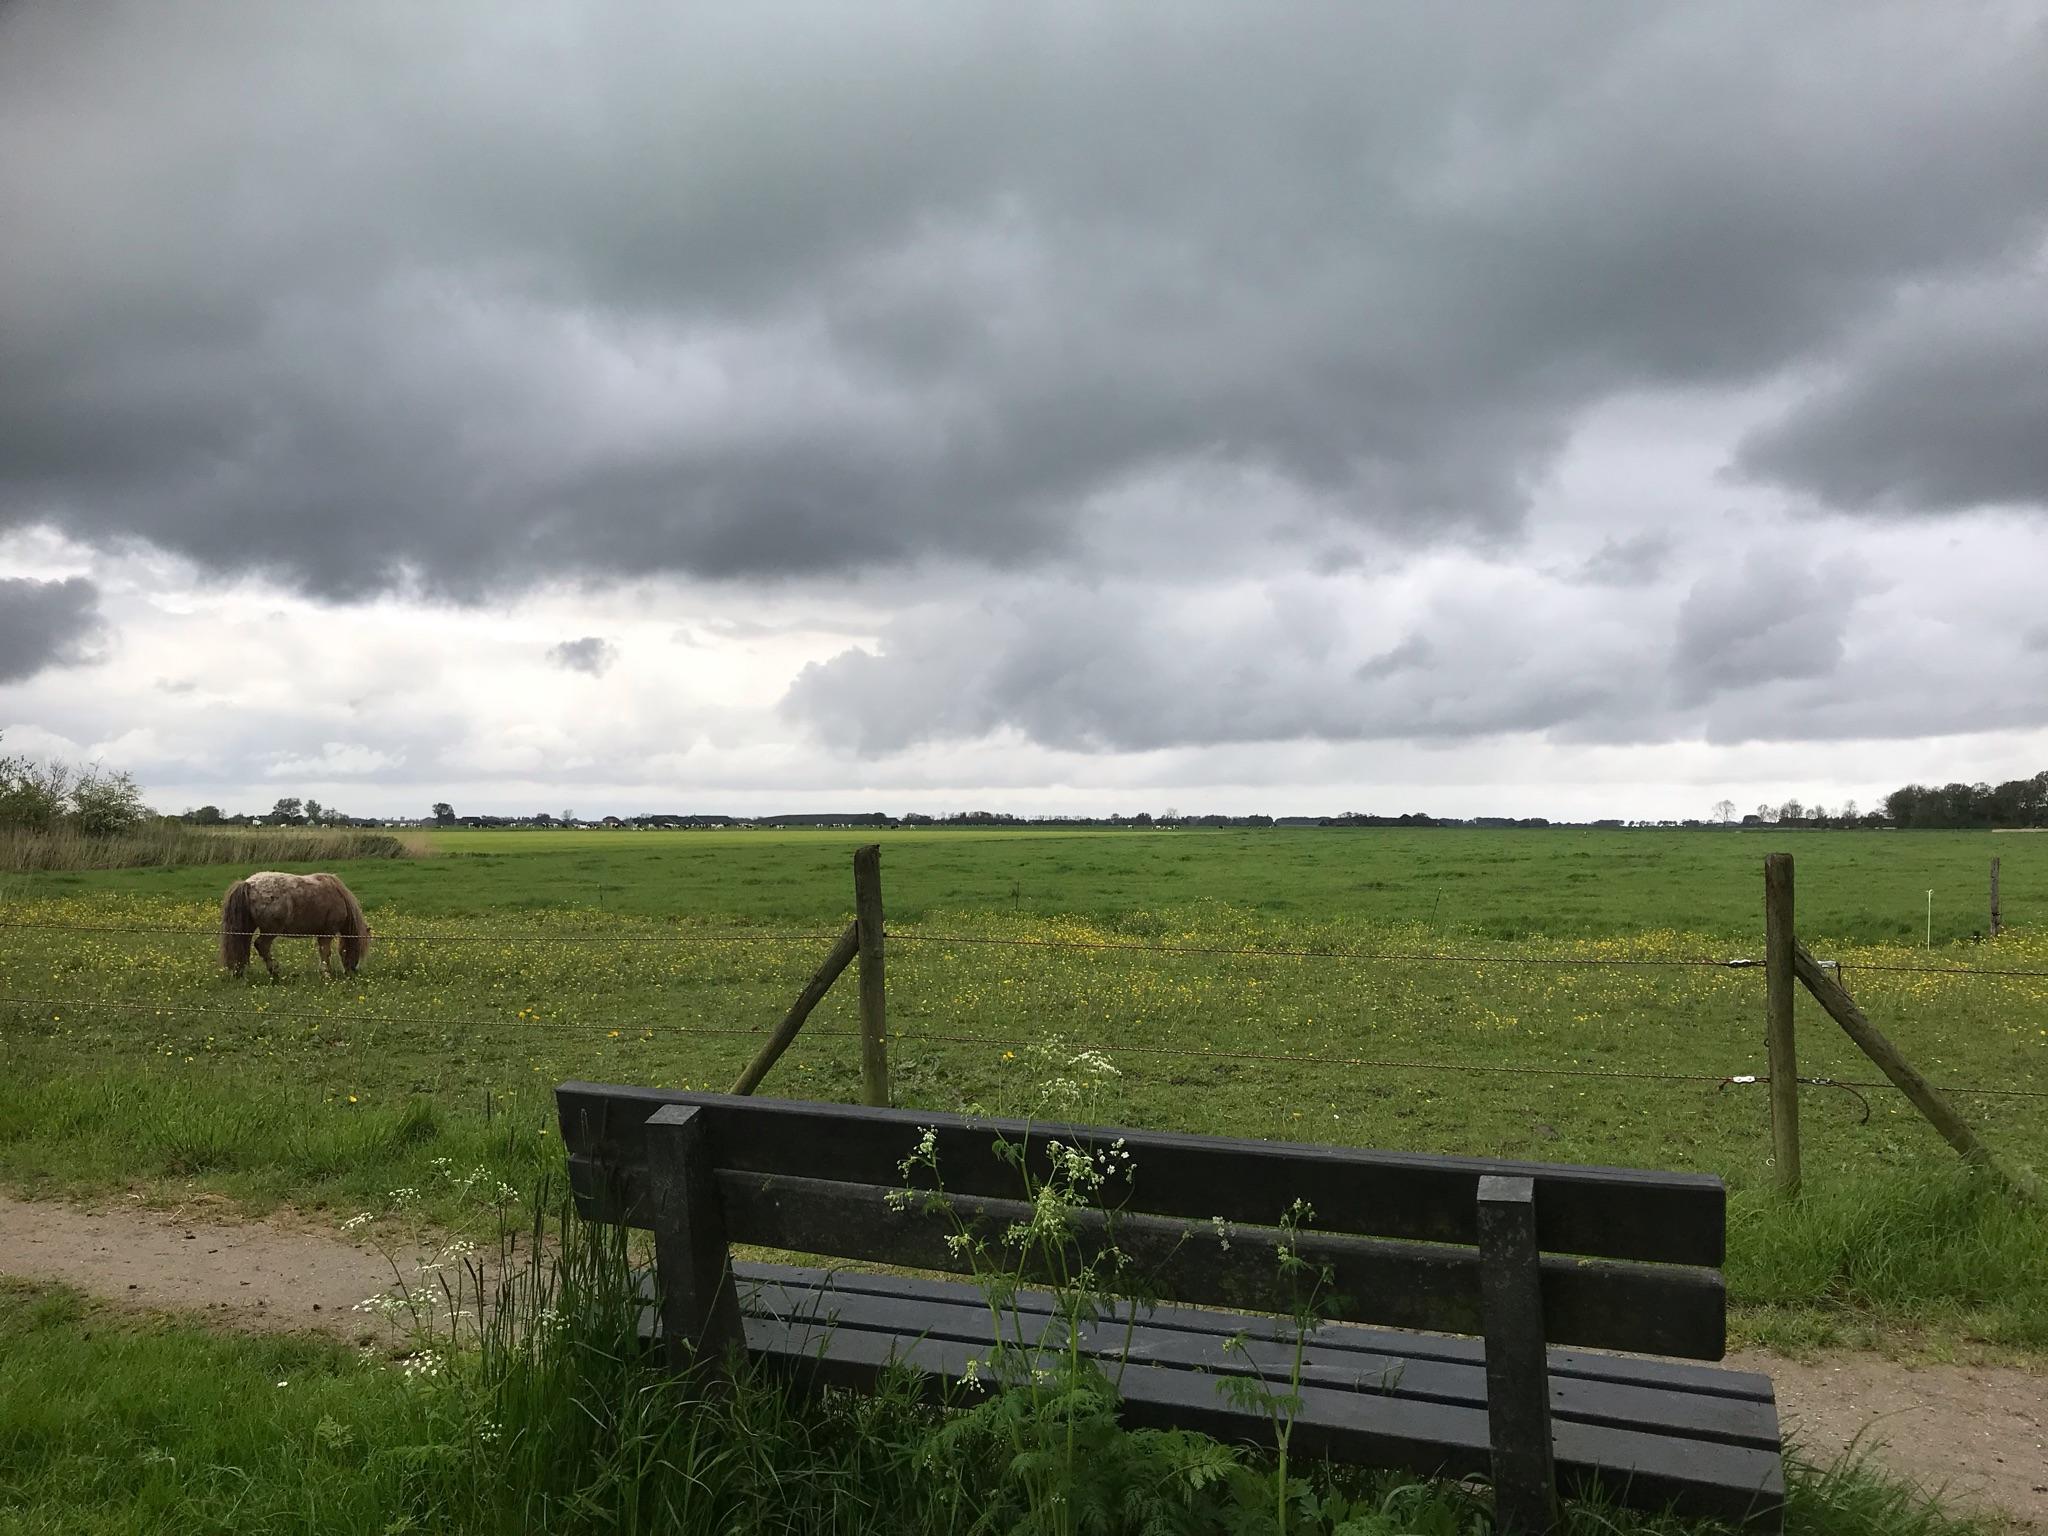 rt-gerritriezebos-uitzicht-groninger-landschap-bij-kantens-wandelbankjes-https-t-co-esobzwrrzi